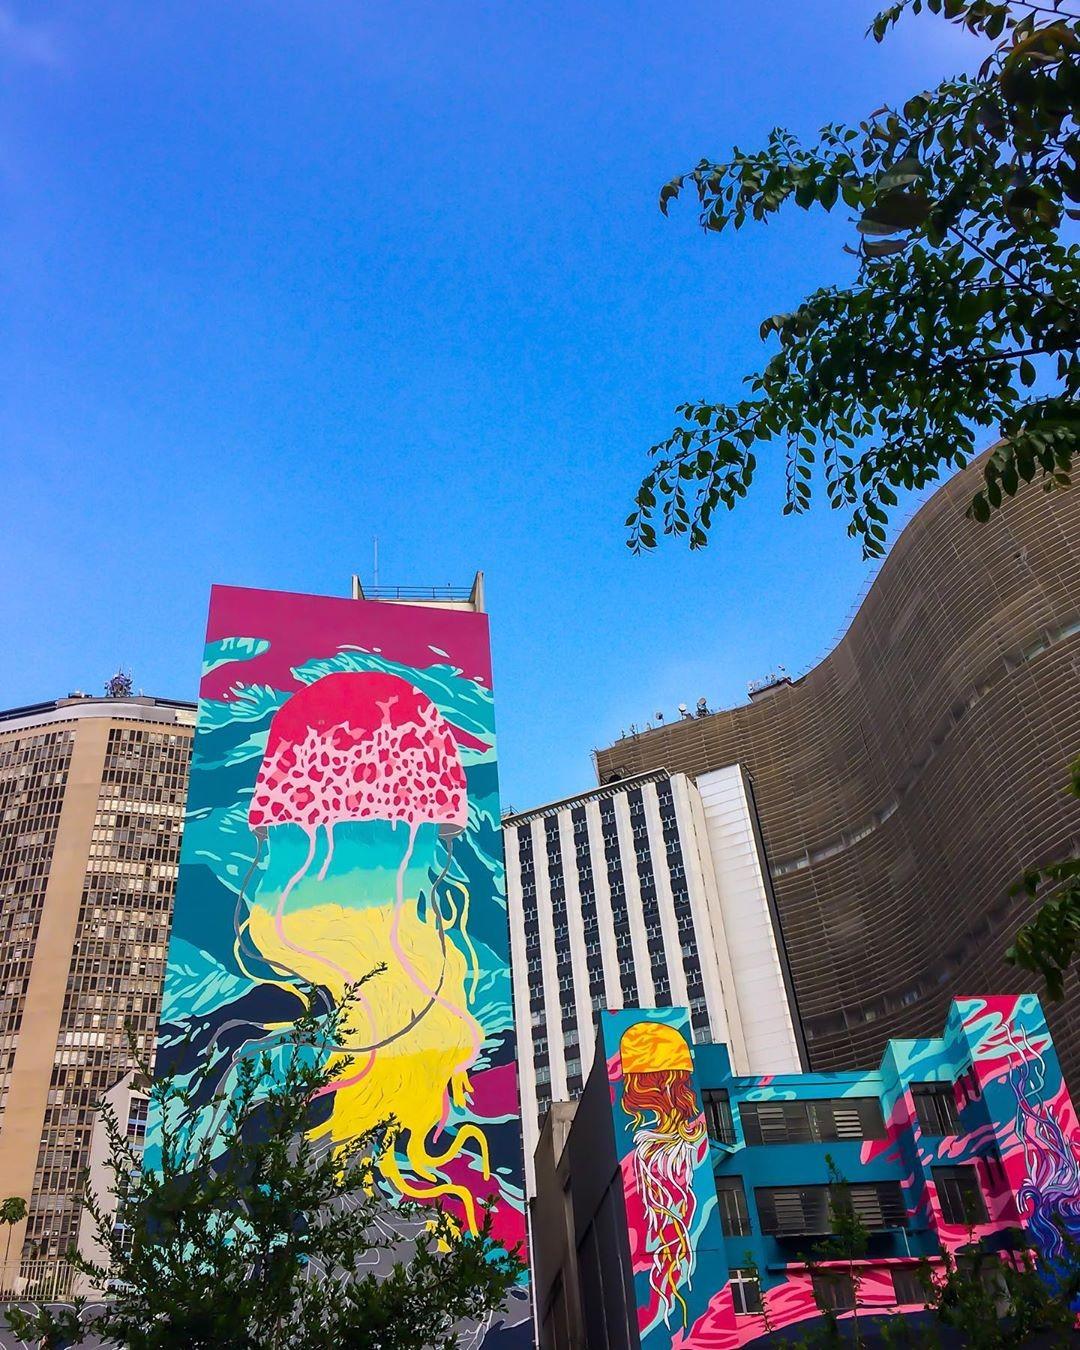 Justiça de SP decreta apagamento de grafite em maior intervenção urbana do mundo (Foto: Reprodução/Instagram/@carolineazd)